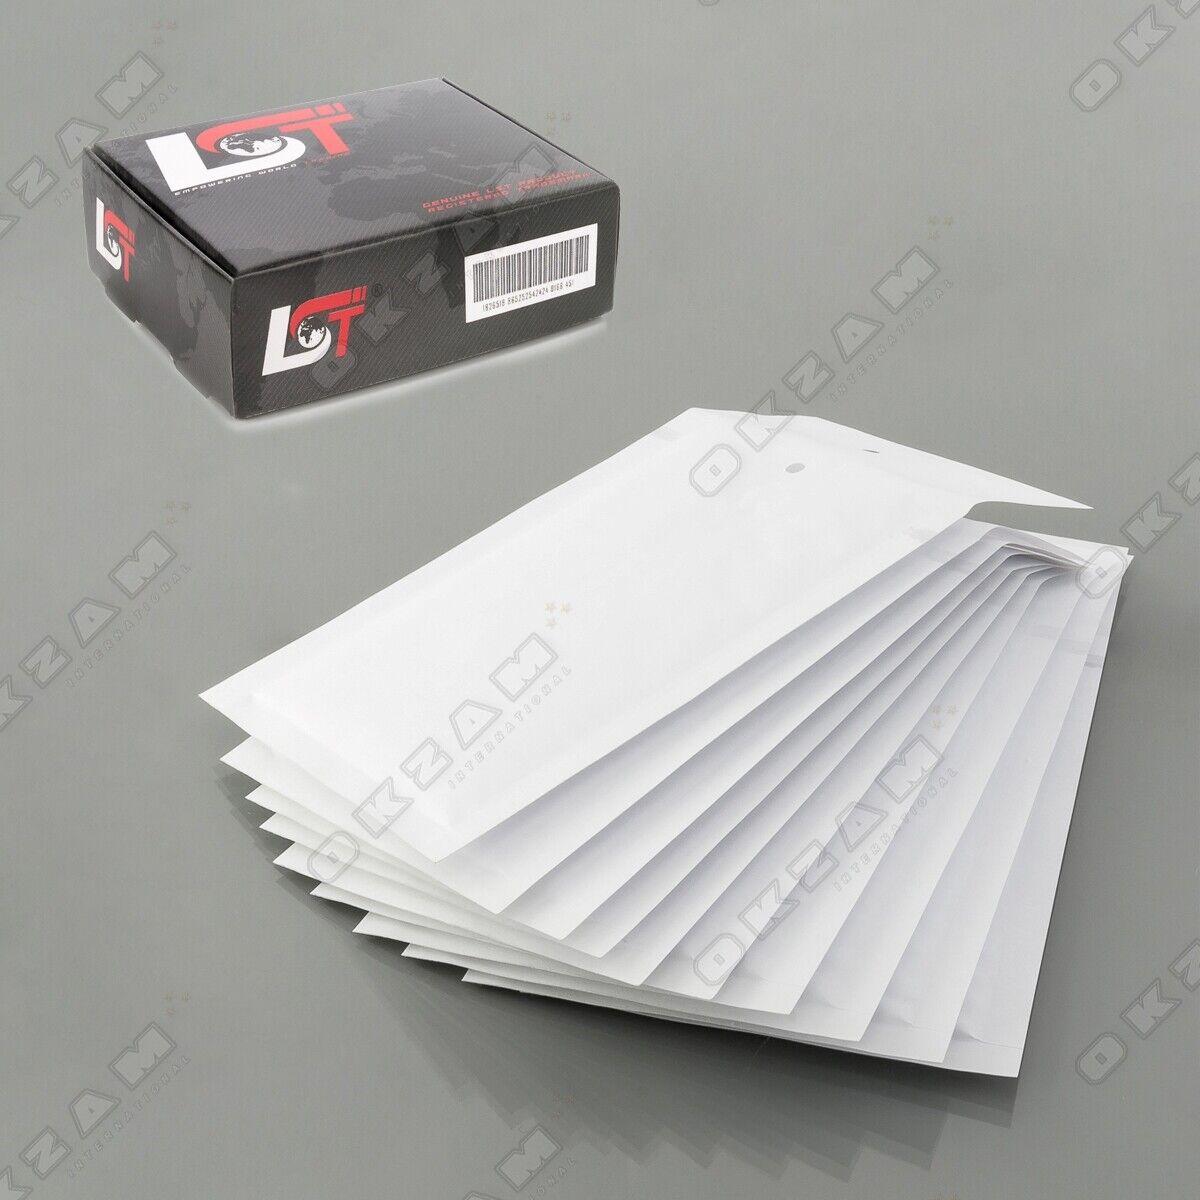 10x Luftpolsterumschlag Versandtasche Größe 3//C 170x225 mm